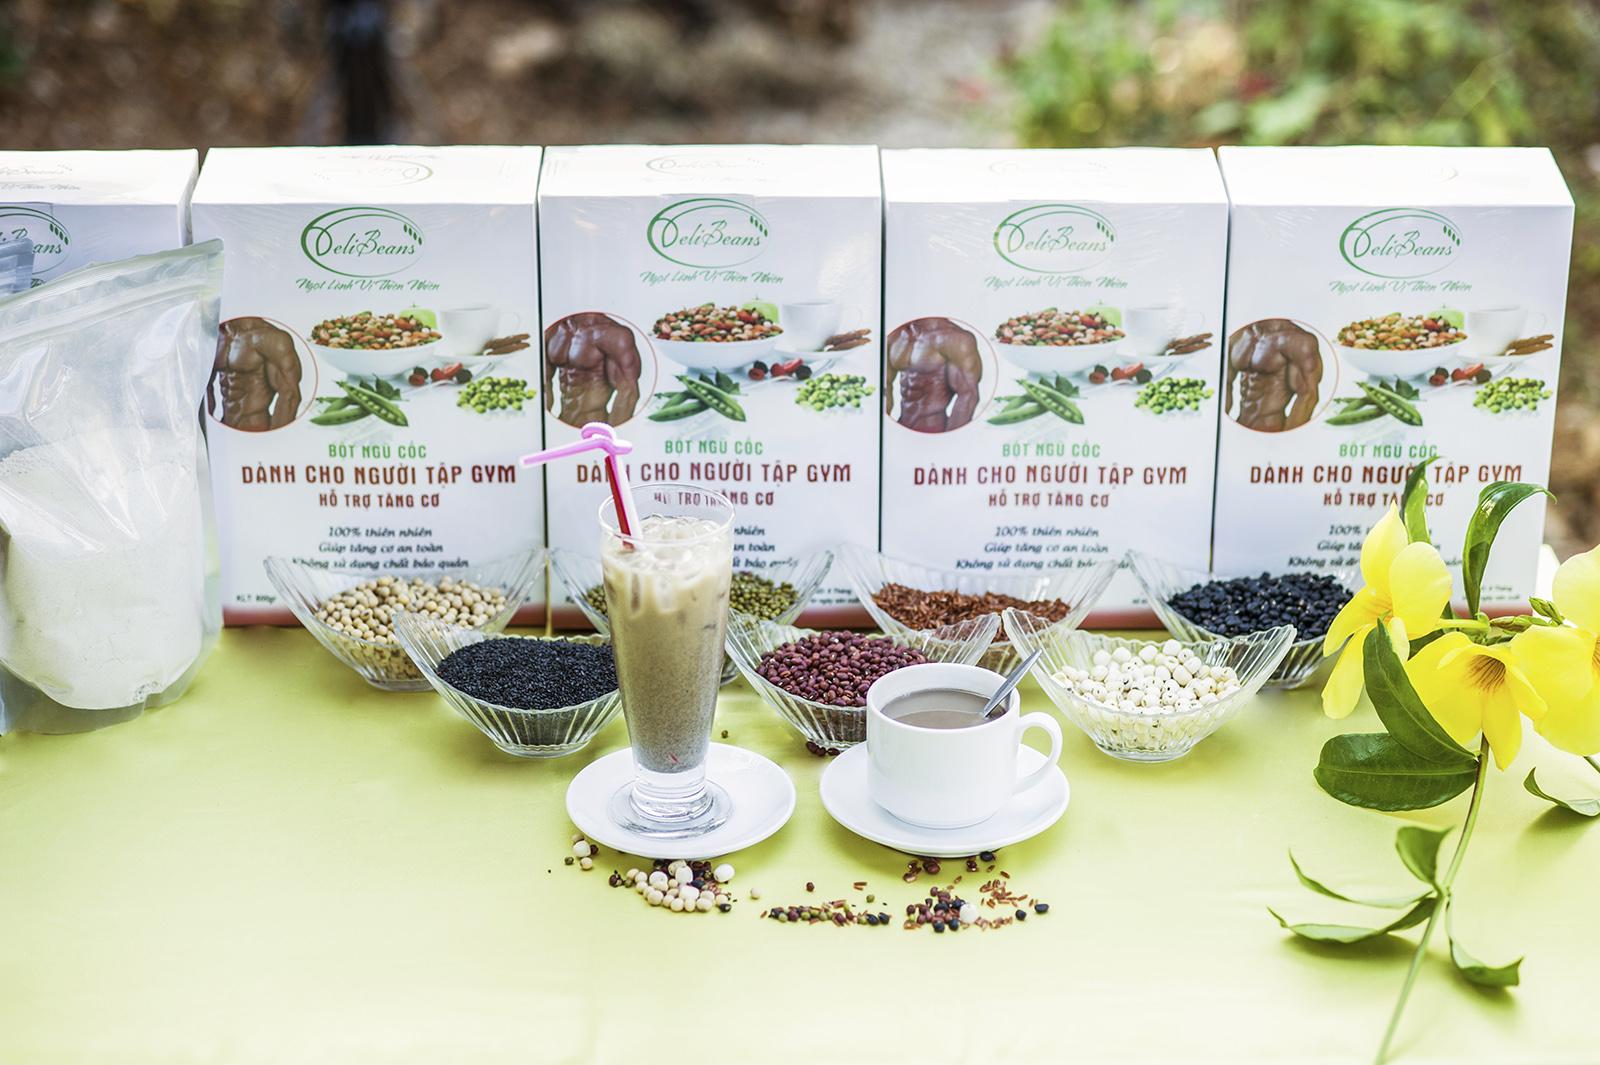 Bột ngũ cốc tăng cơ DeliBeans - tập GYM (Hộp 40 gói) 12 - Deli Beans